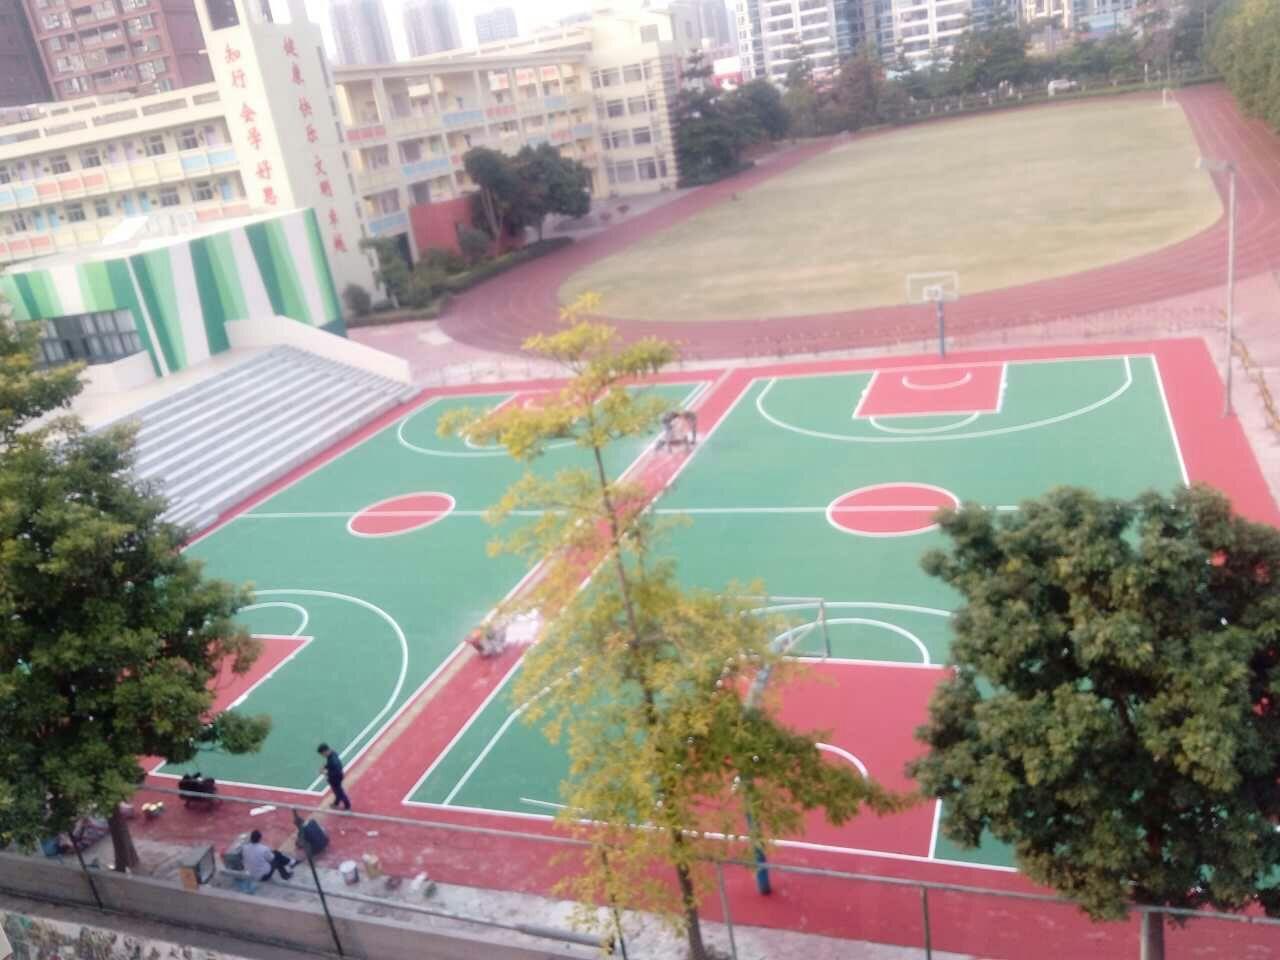 珠海实验学校旧PU球场翻新改造成水性丙烯酸篮球场!